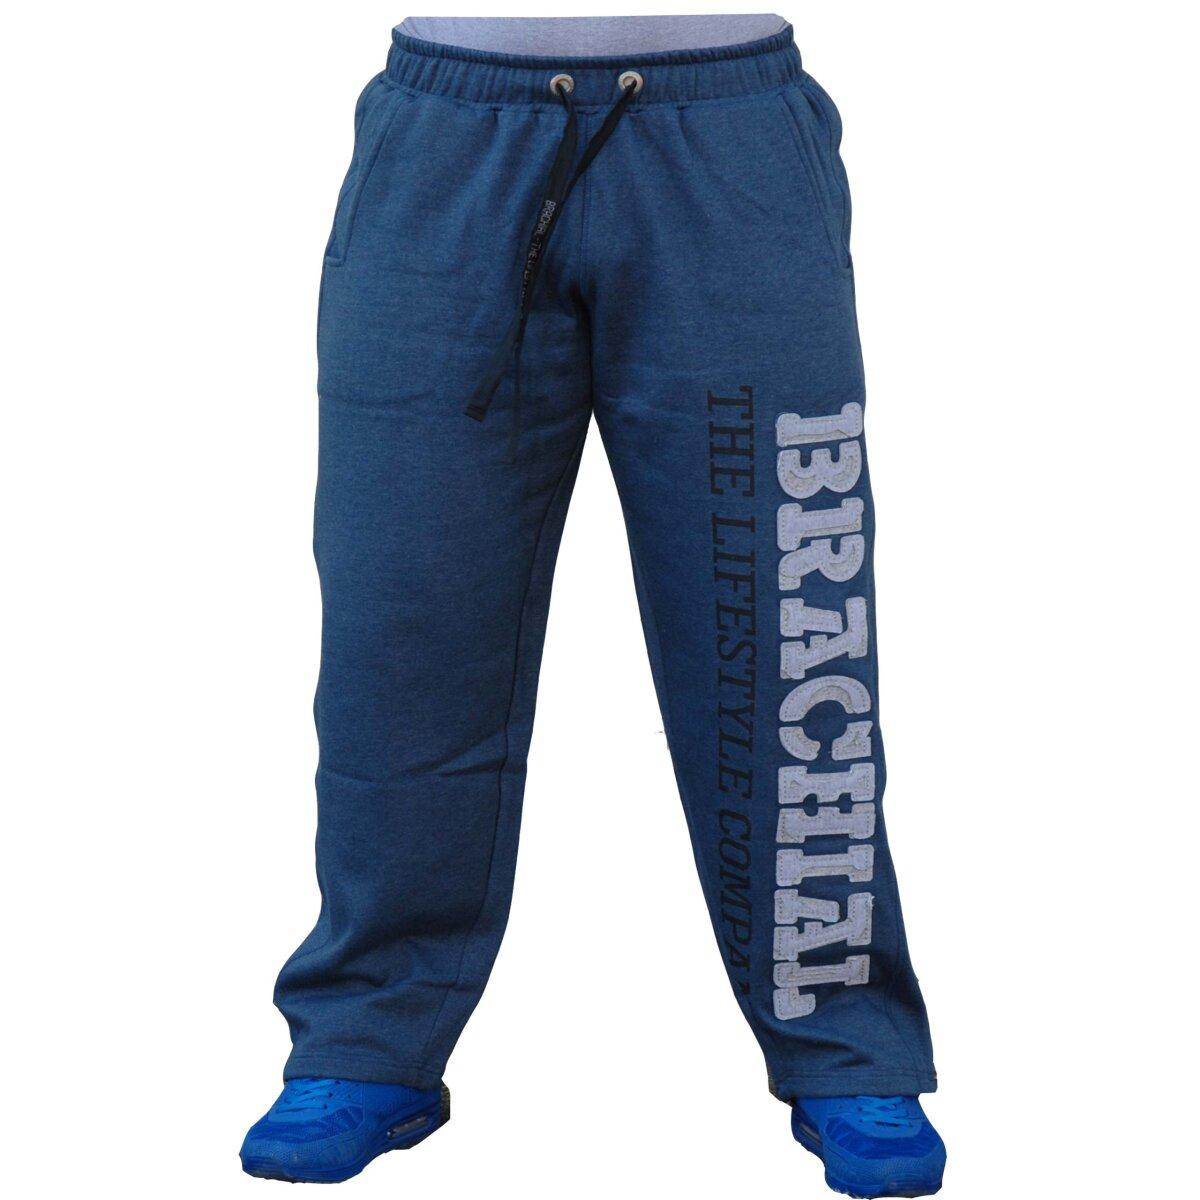 Brachial pantalones de deporte gym azul oscuro melonge gr for Deporte gym